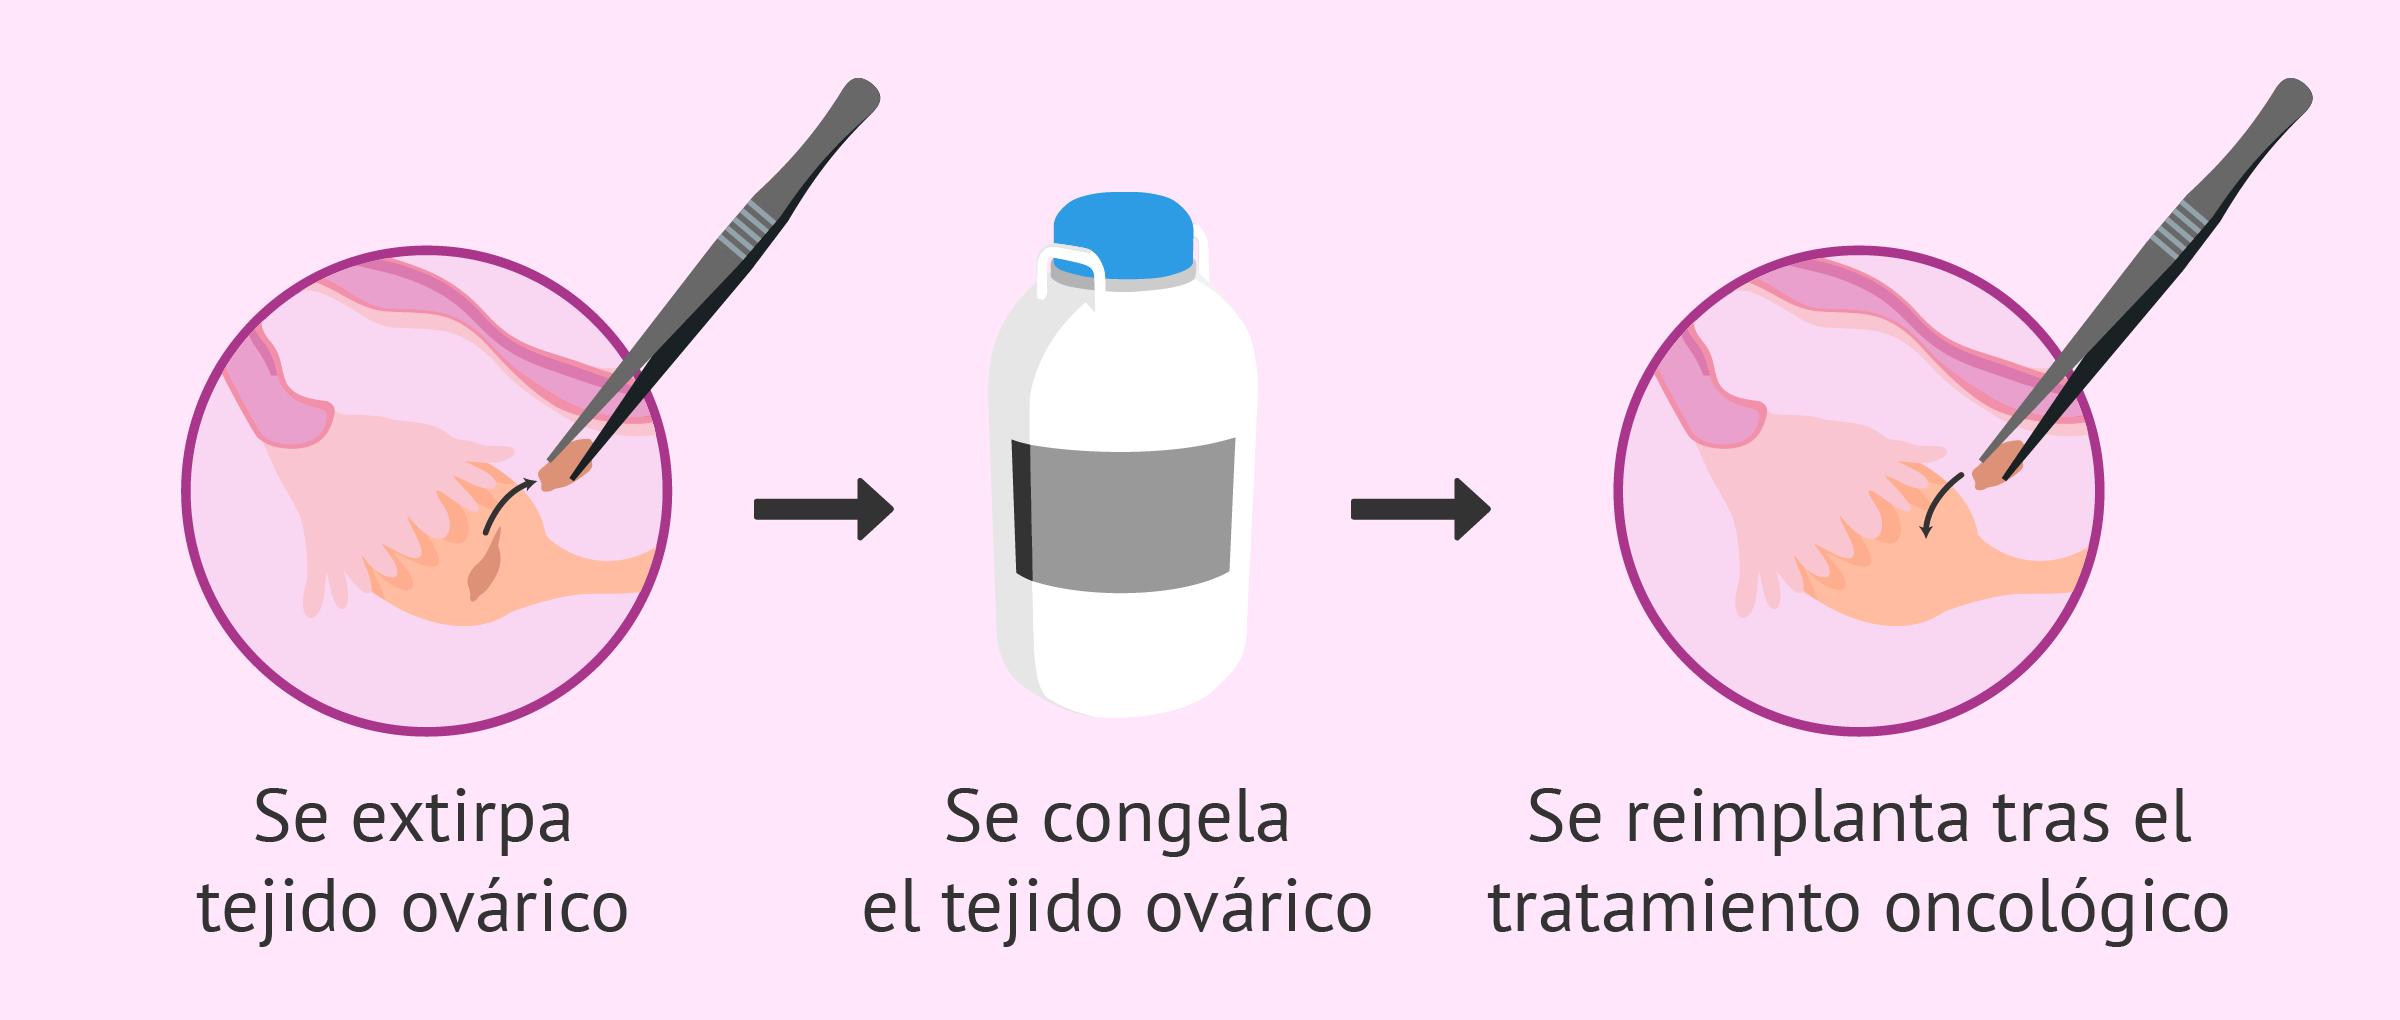 Congelación de tejido ovárico